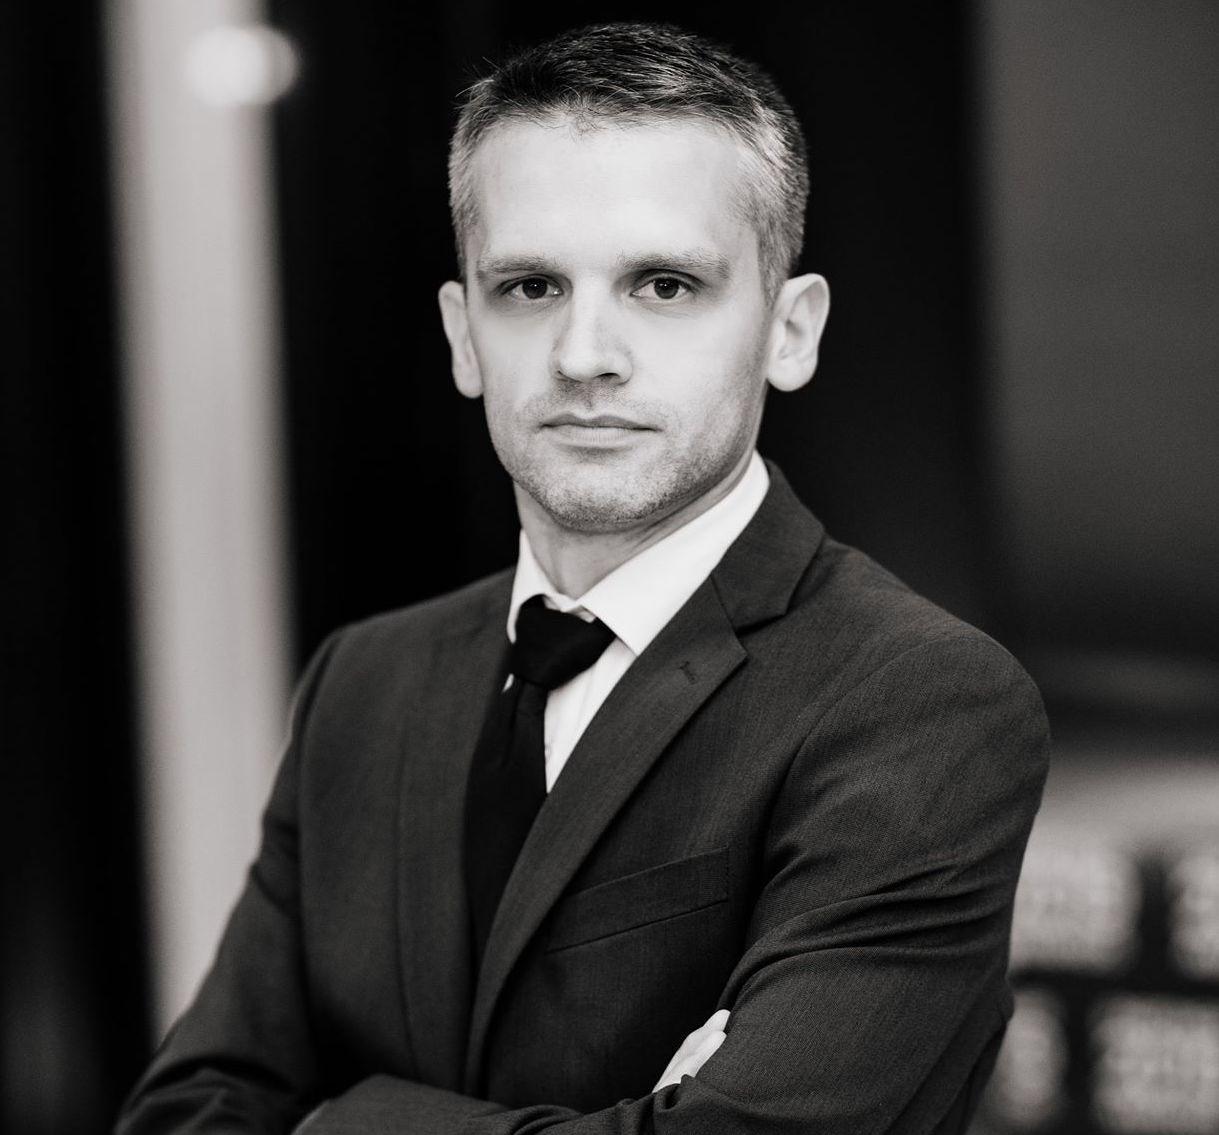 Андрей Сивенюк, маркетинг-менеджер Dell Technologies в странах Северо-Восточной Европы